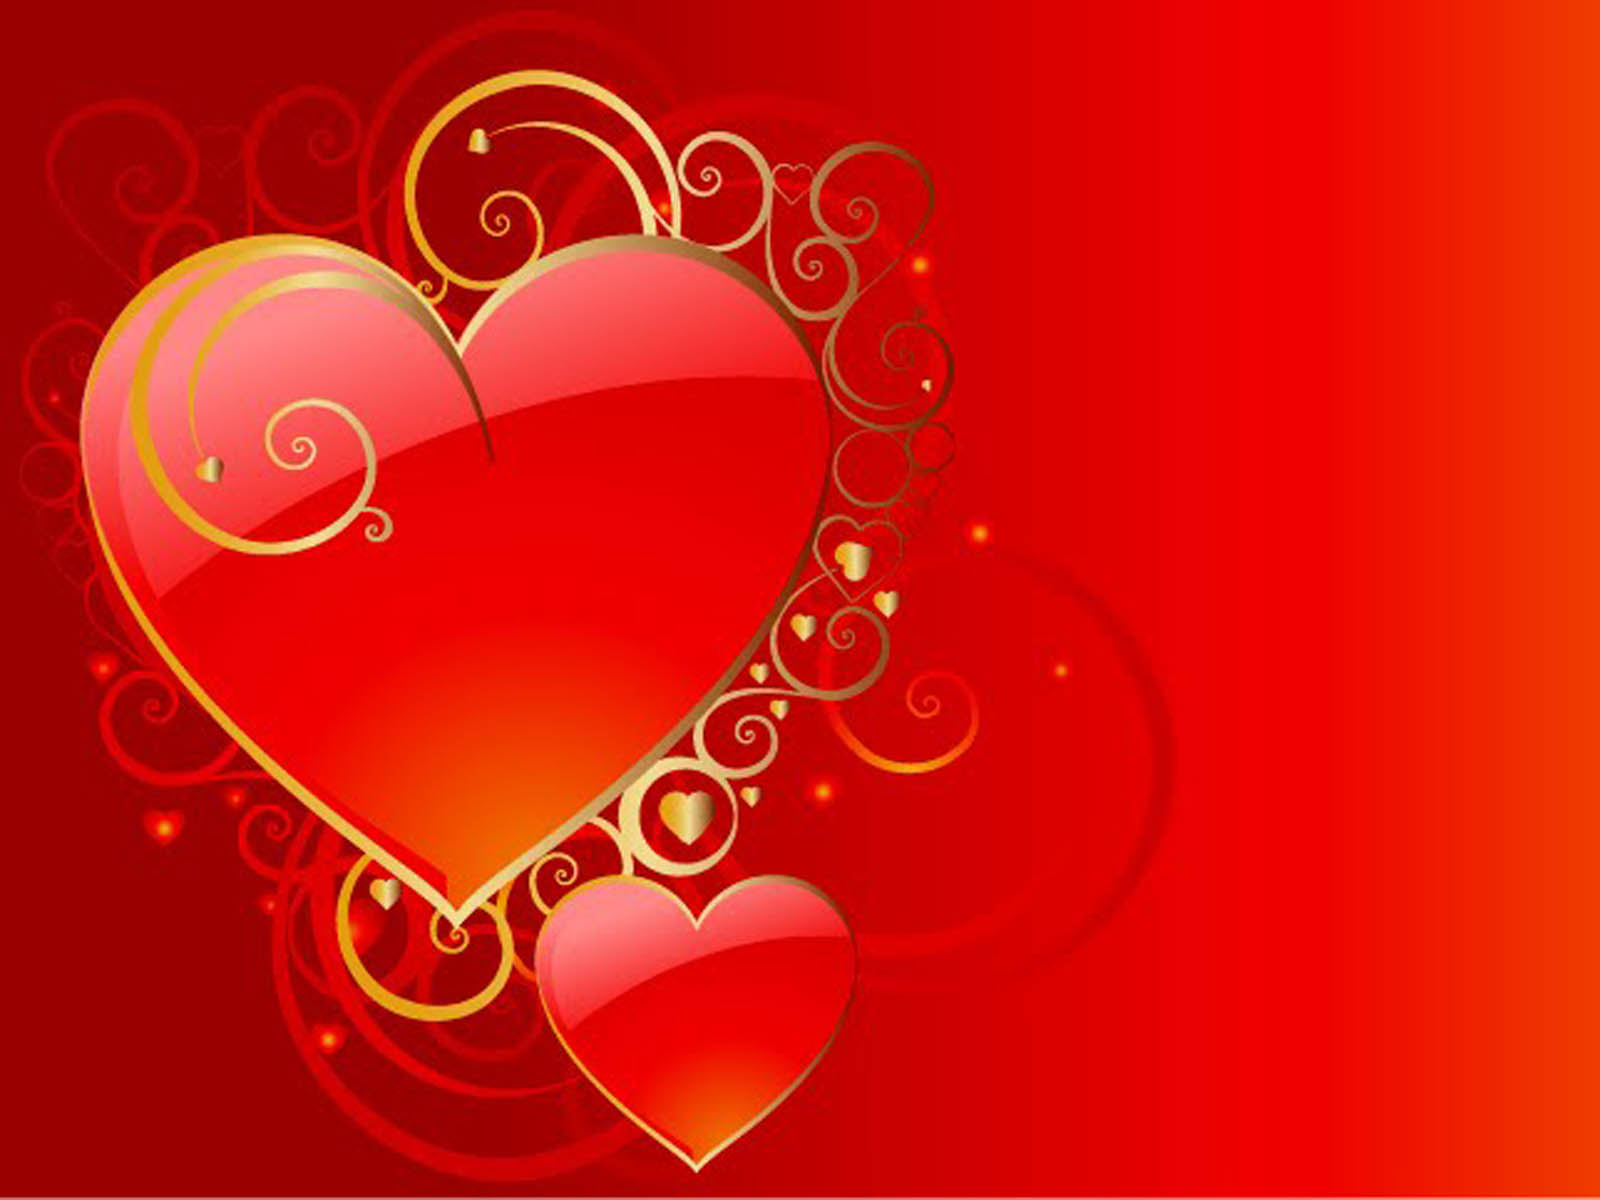 Wallpapers Hearts Love - WallpaperSafari